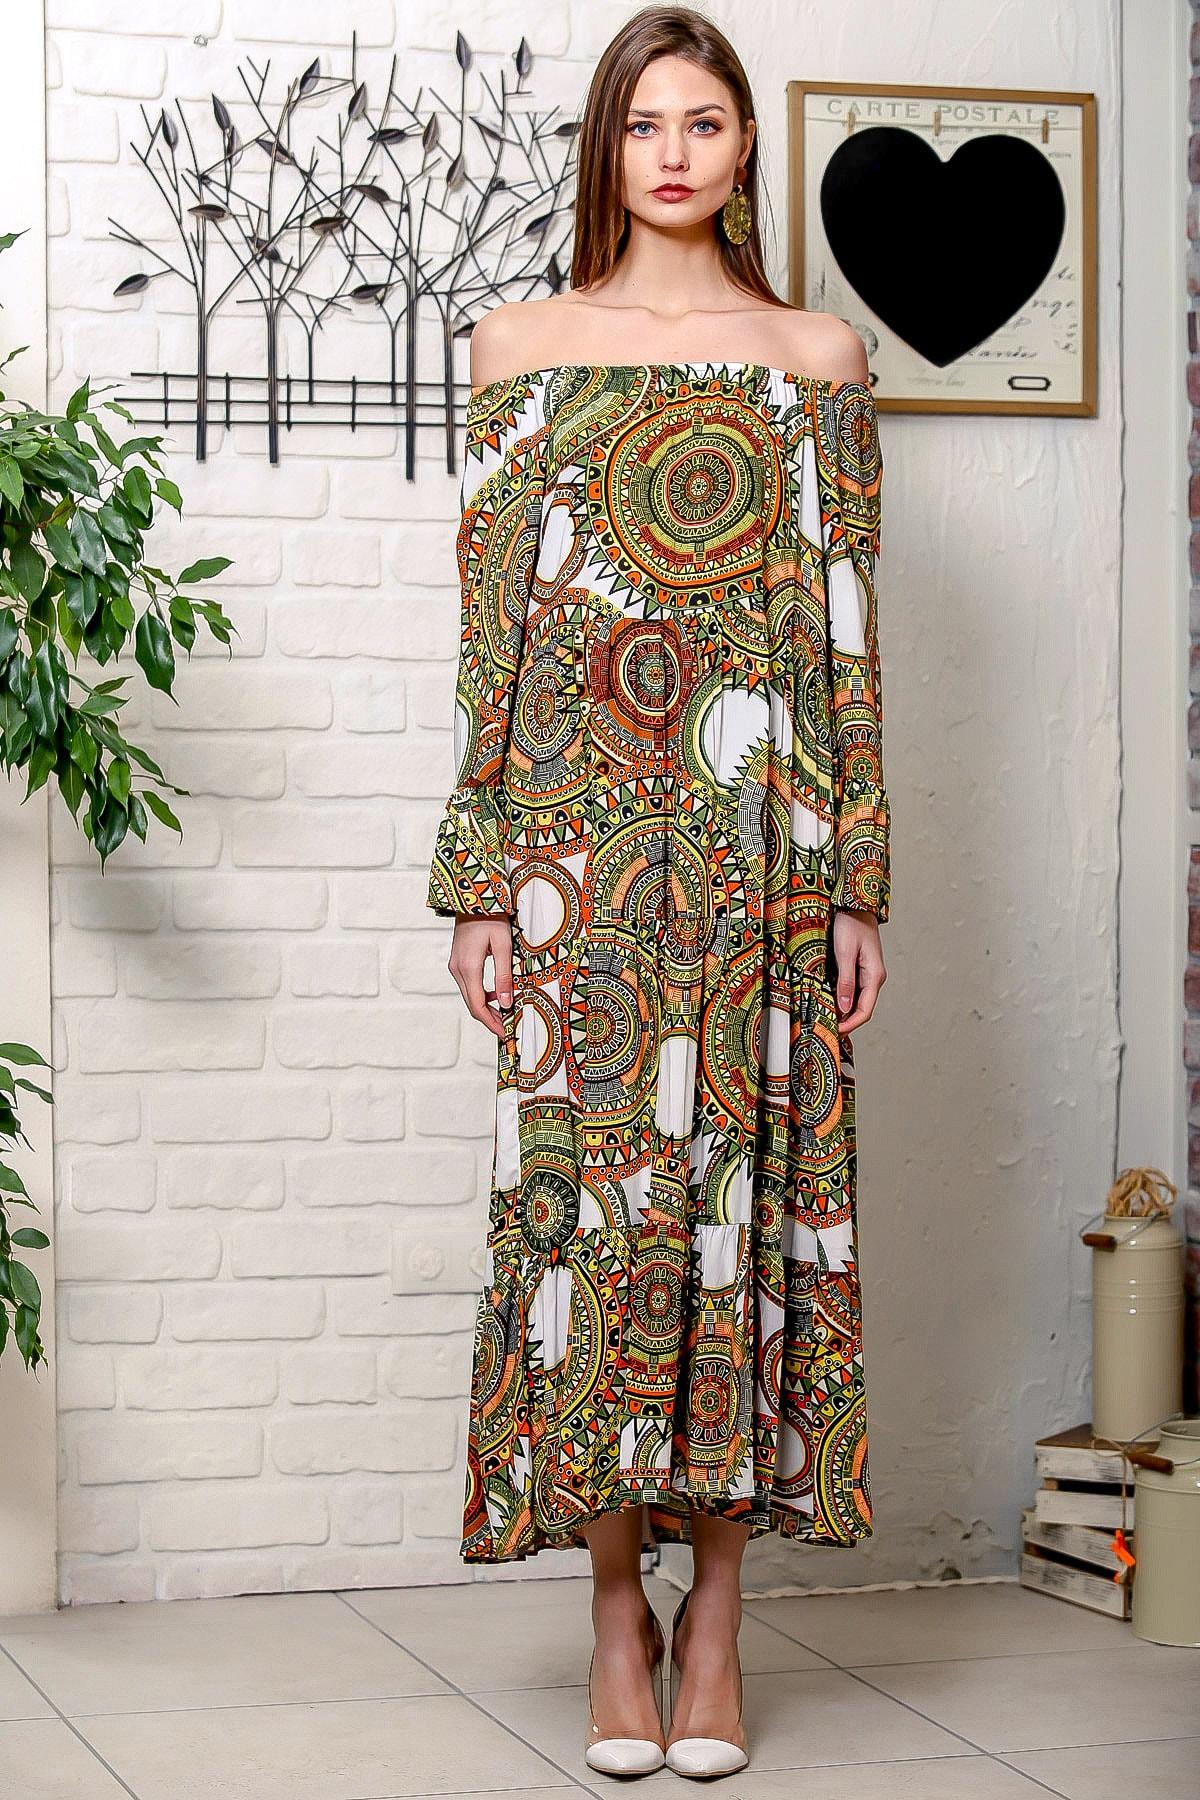 Chiccy Kadın Yeşil-Beyaz Carmen Yaka Geometrik Desenli Kol Ucu Volanlı Salaş Dokuma Elbise M10160000EL95906 3